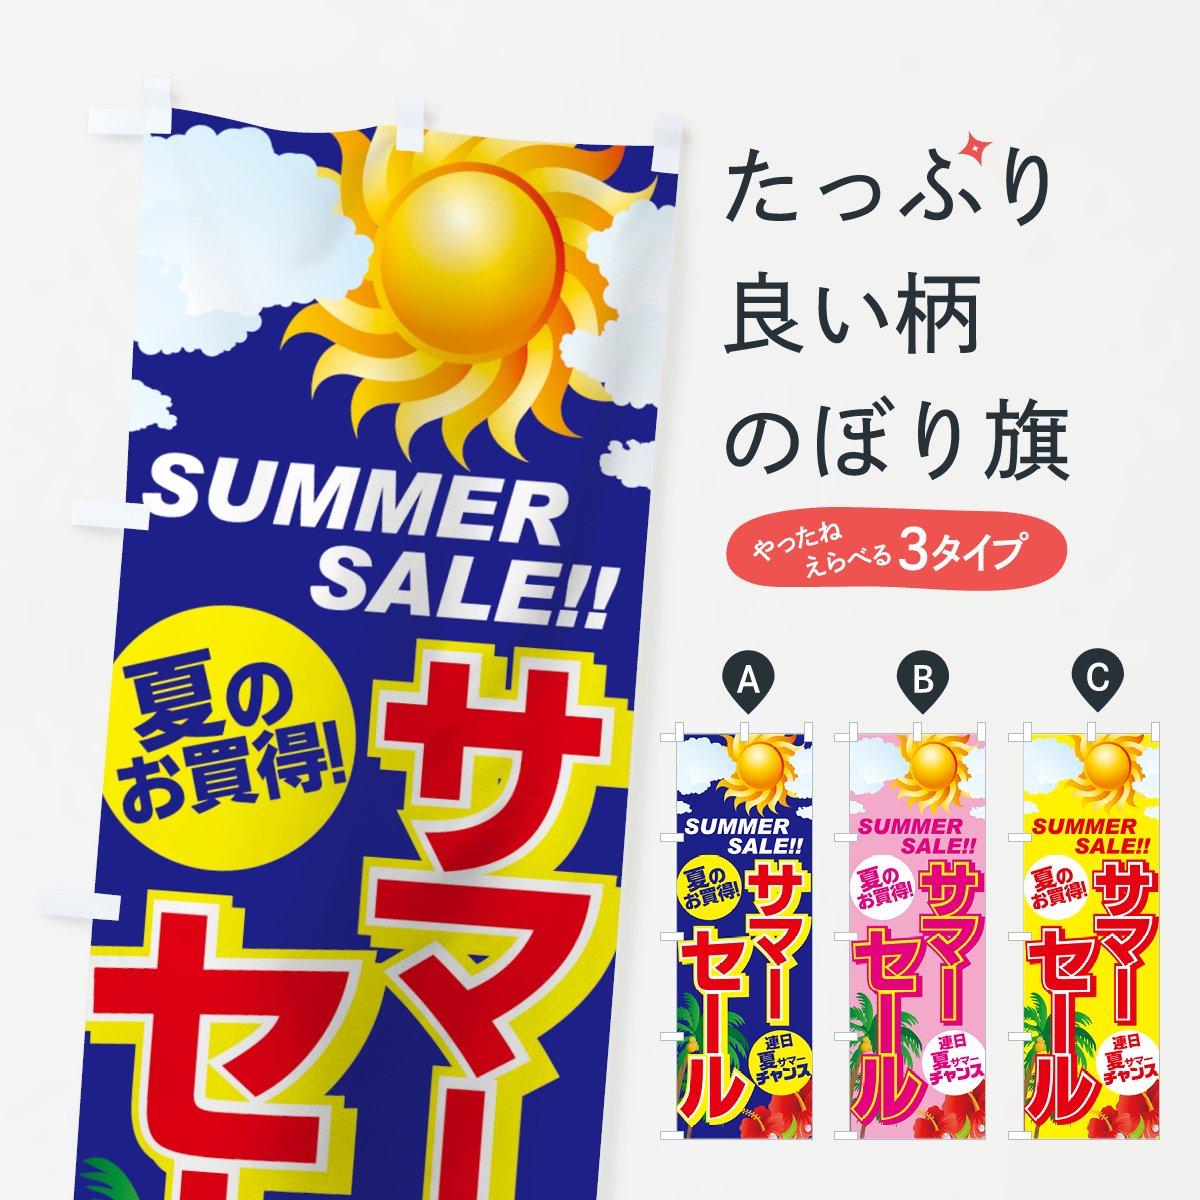 サマーセールのぼり旗 SUMMER SALE 夏のお買得!